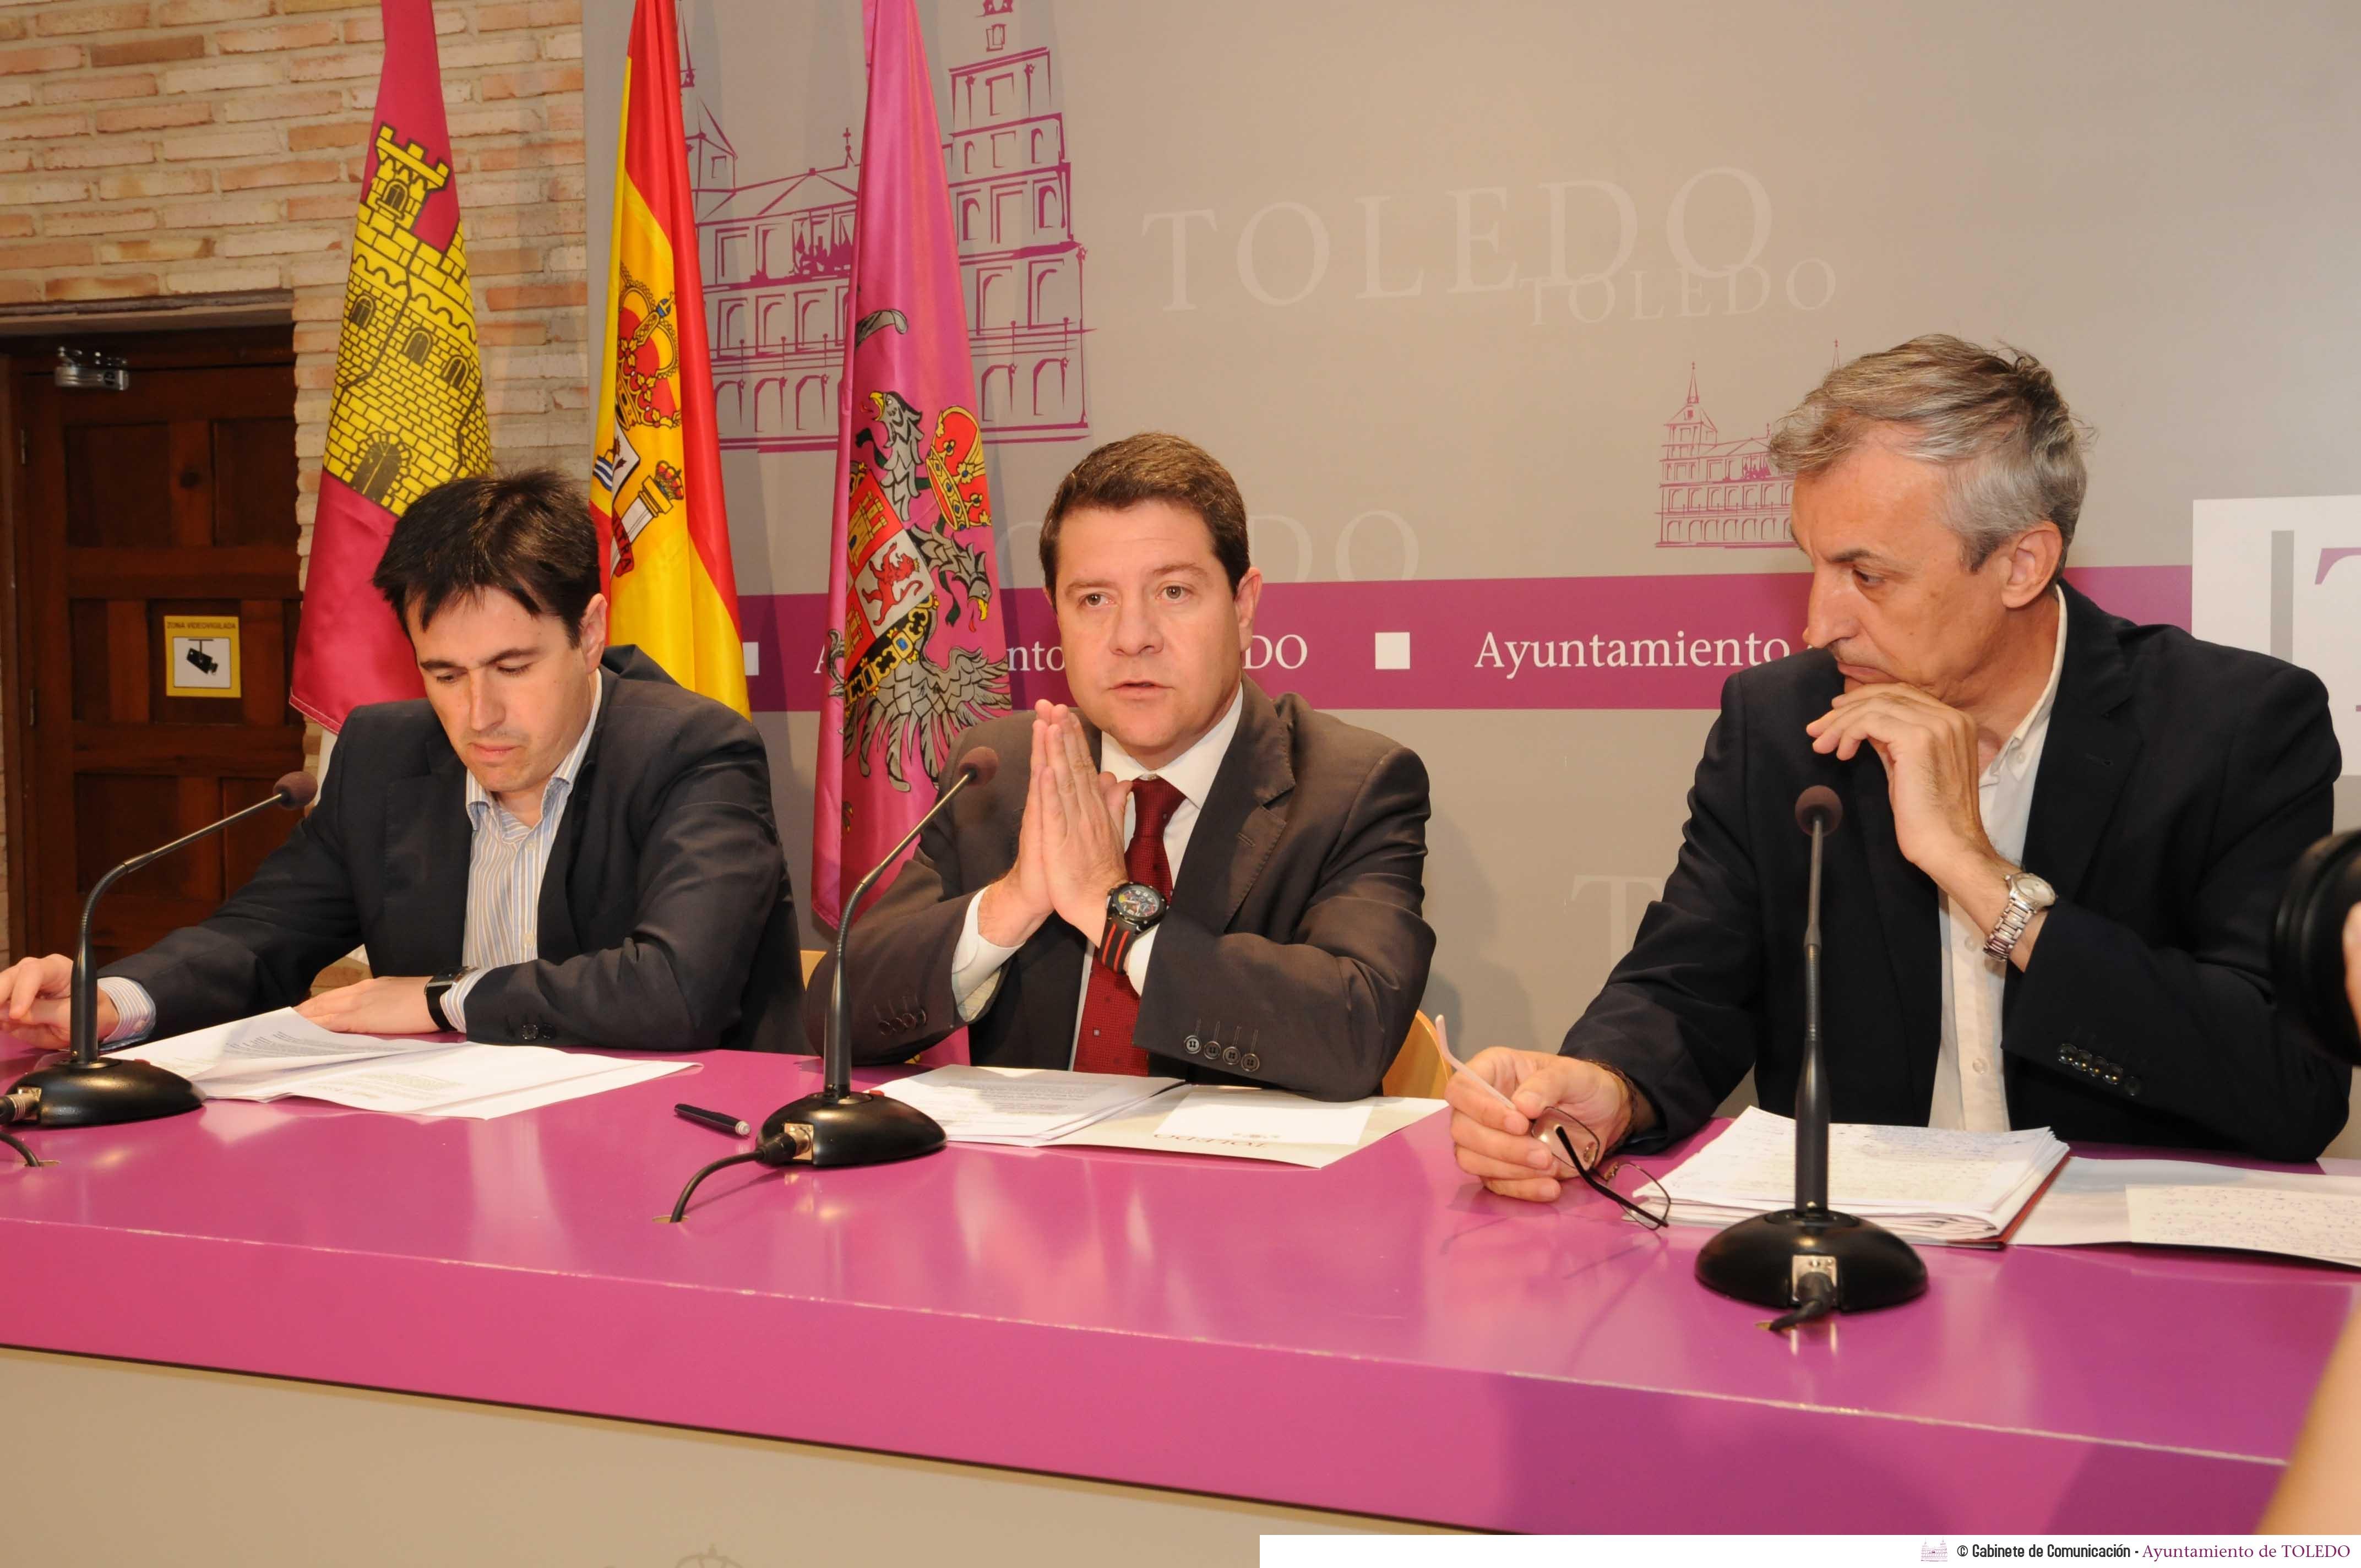 http://www.toledo.es/wp-content/uploads/2014/07/20140708_1613736631_page_alberto_sanchez.jpg. El Gobierno municipal realizará varias obras públicas durante este verano con fondos propios